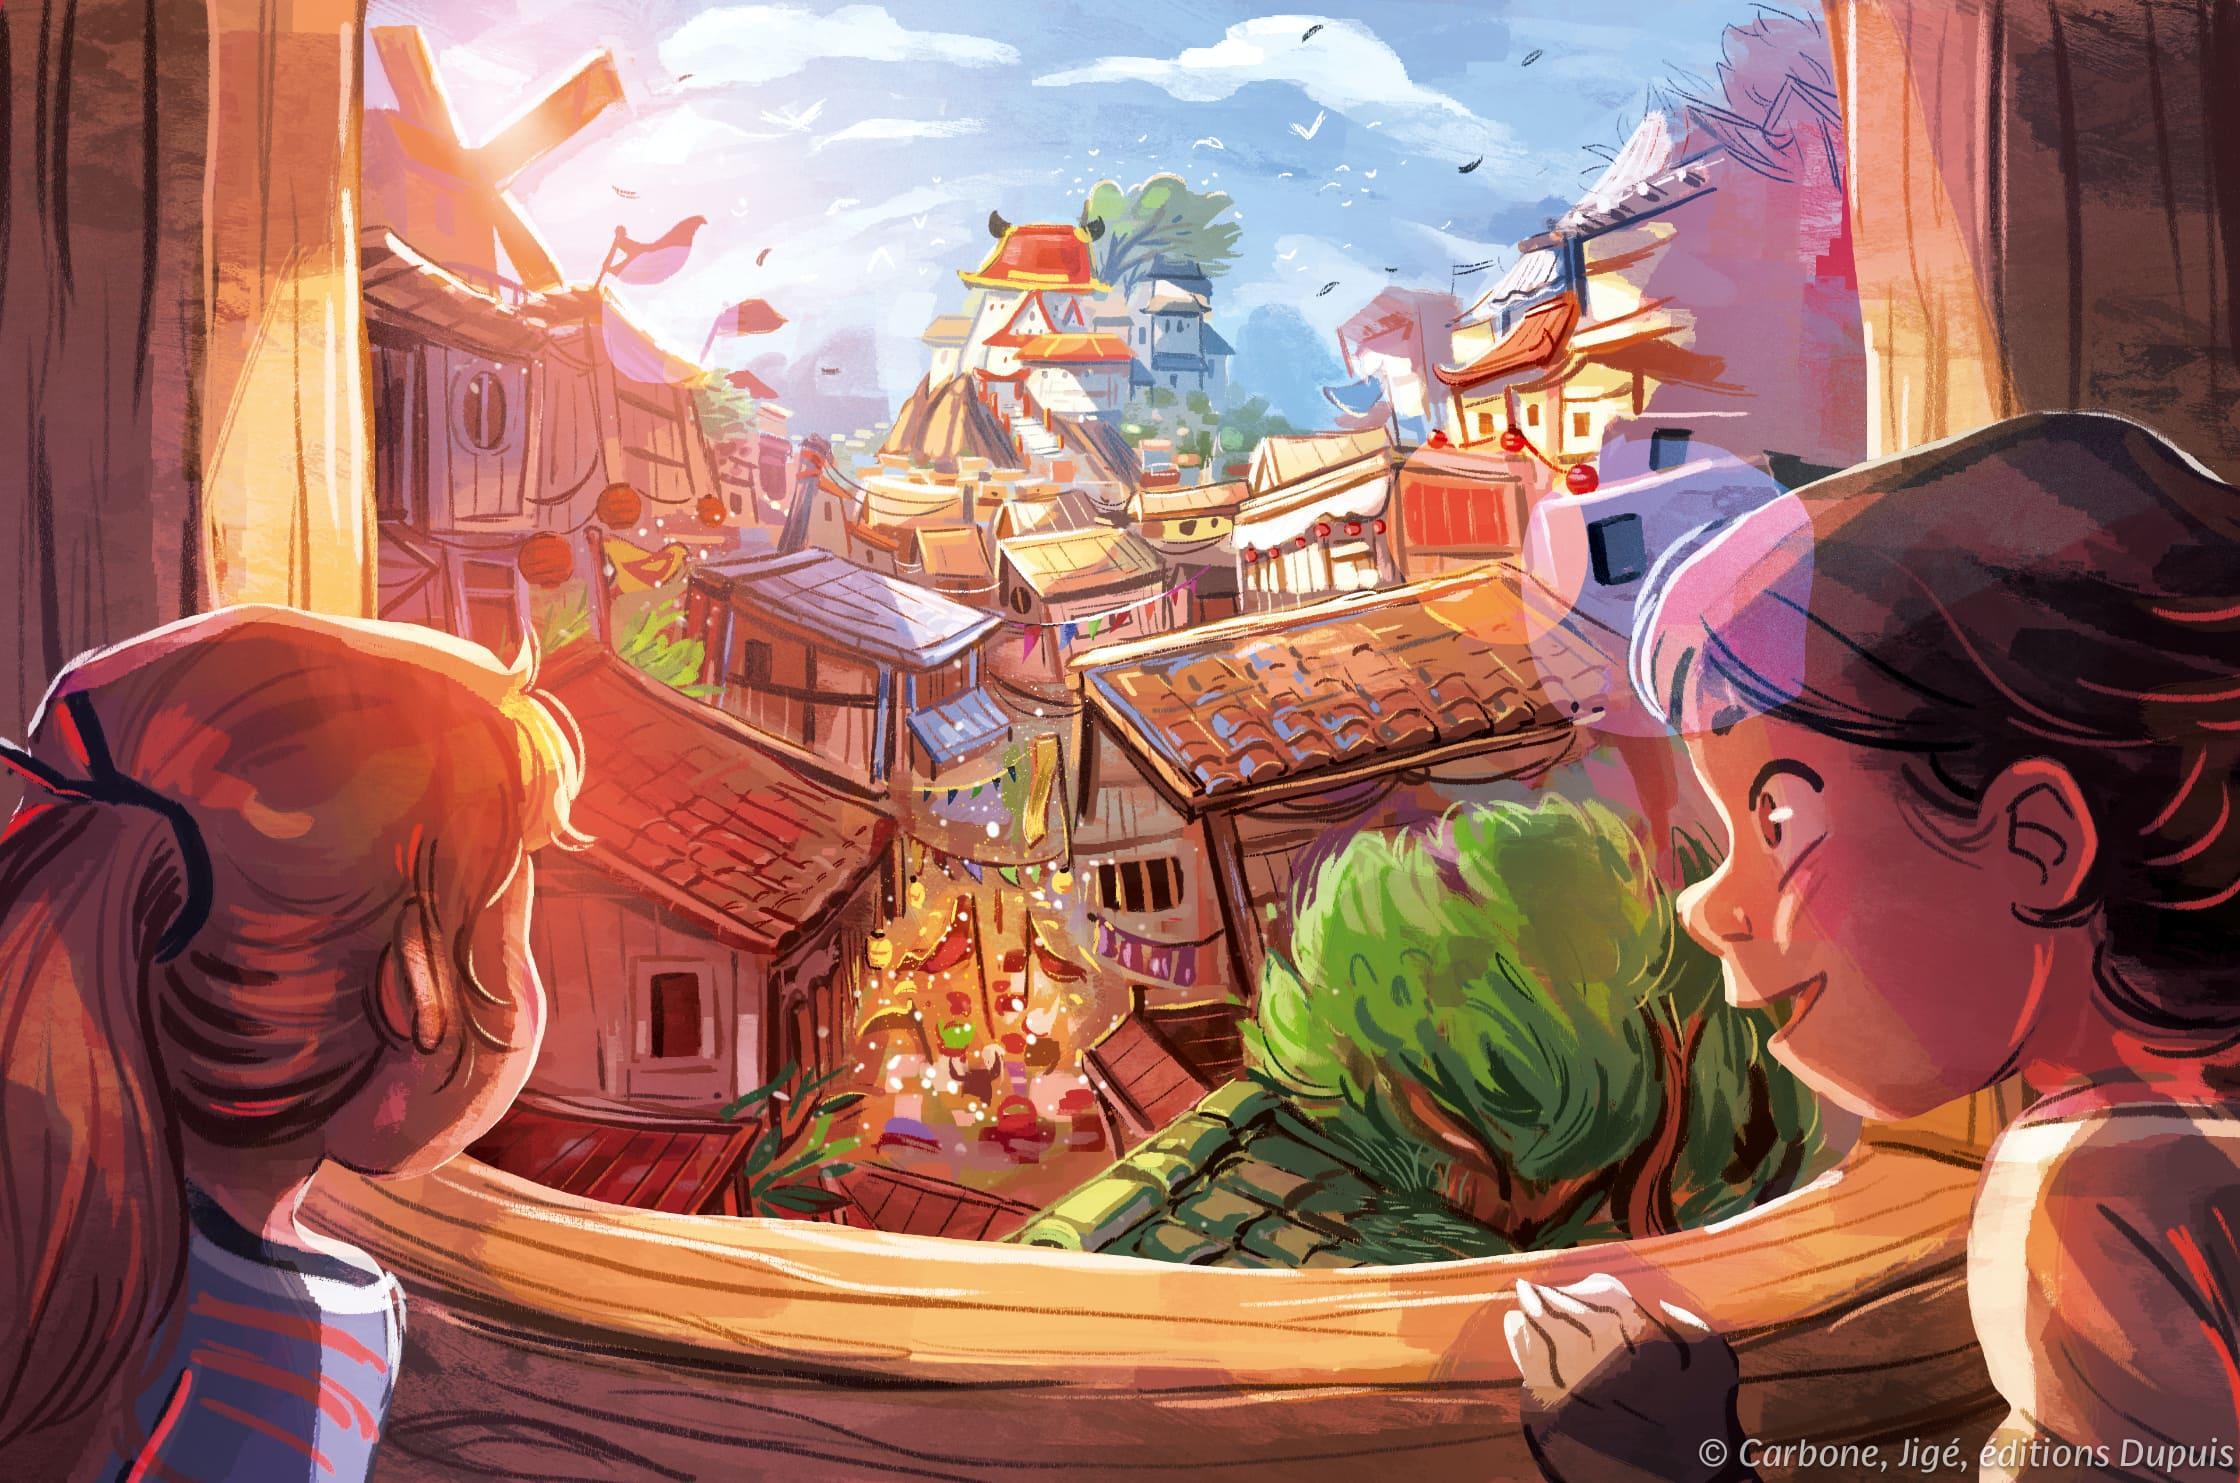 Dessin de Nola et Andrea contemplant les rues animées du village.